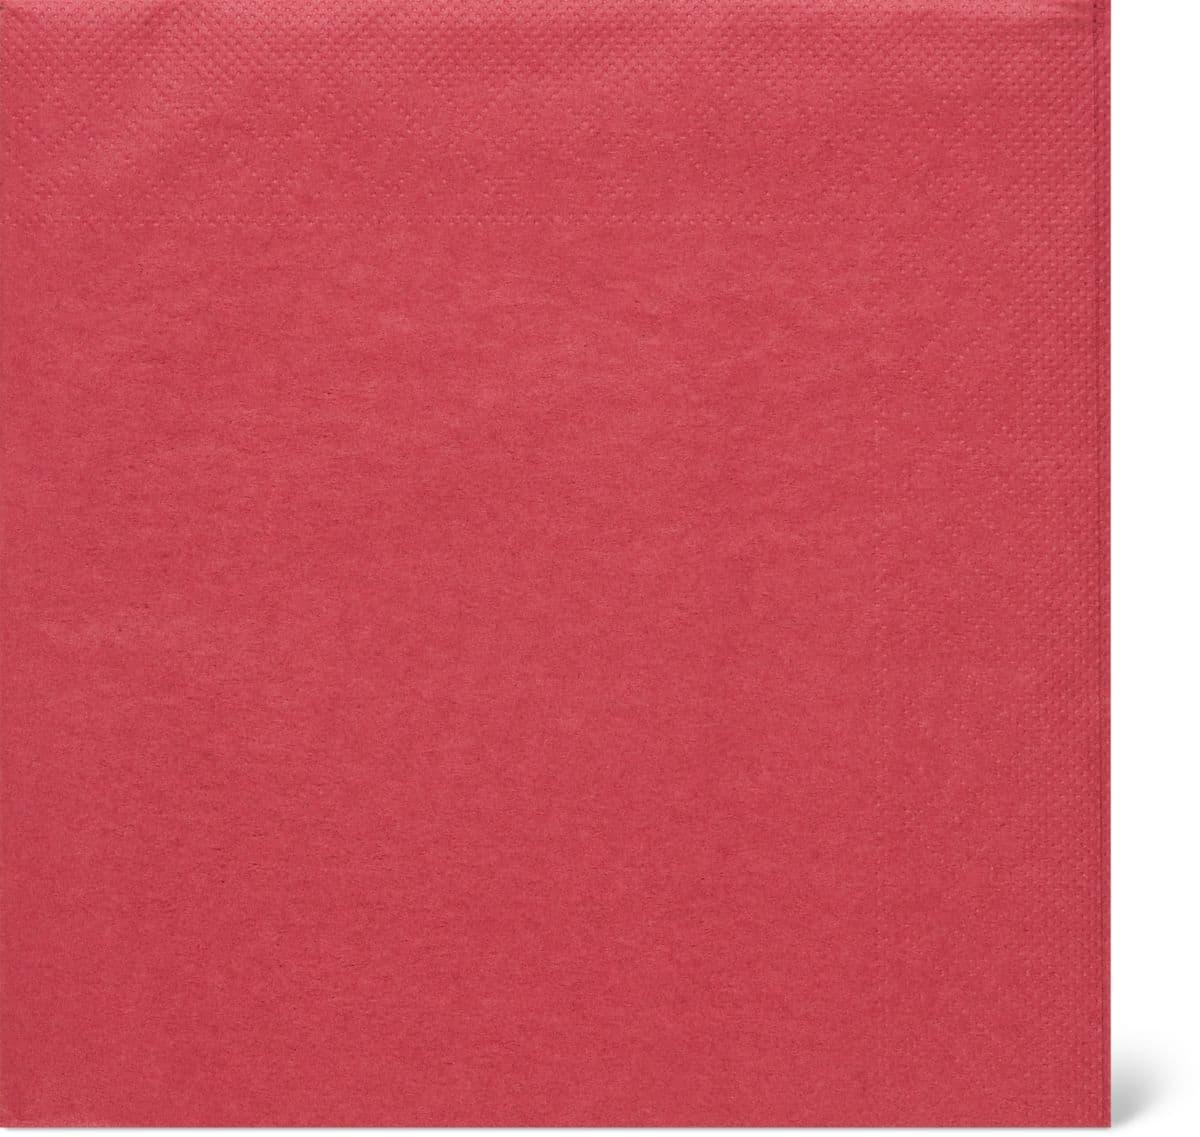 Cucina & Tavola Tovaglioli di carta, 40 x 40 cm